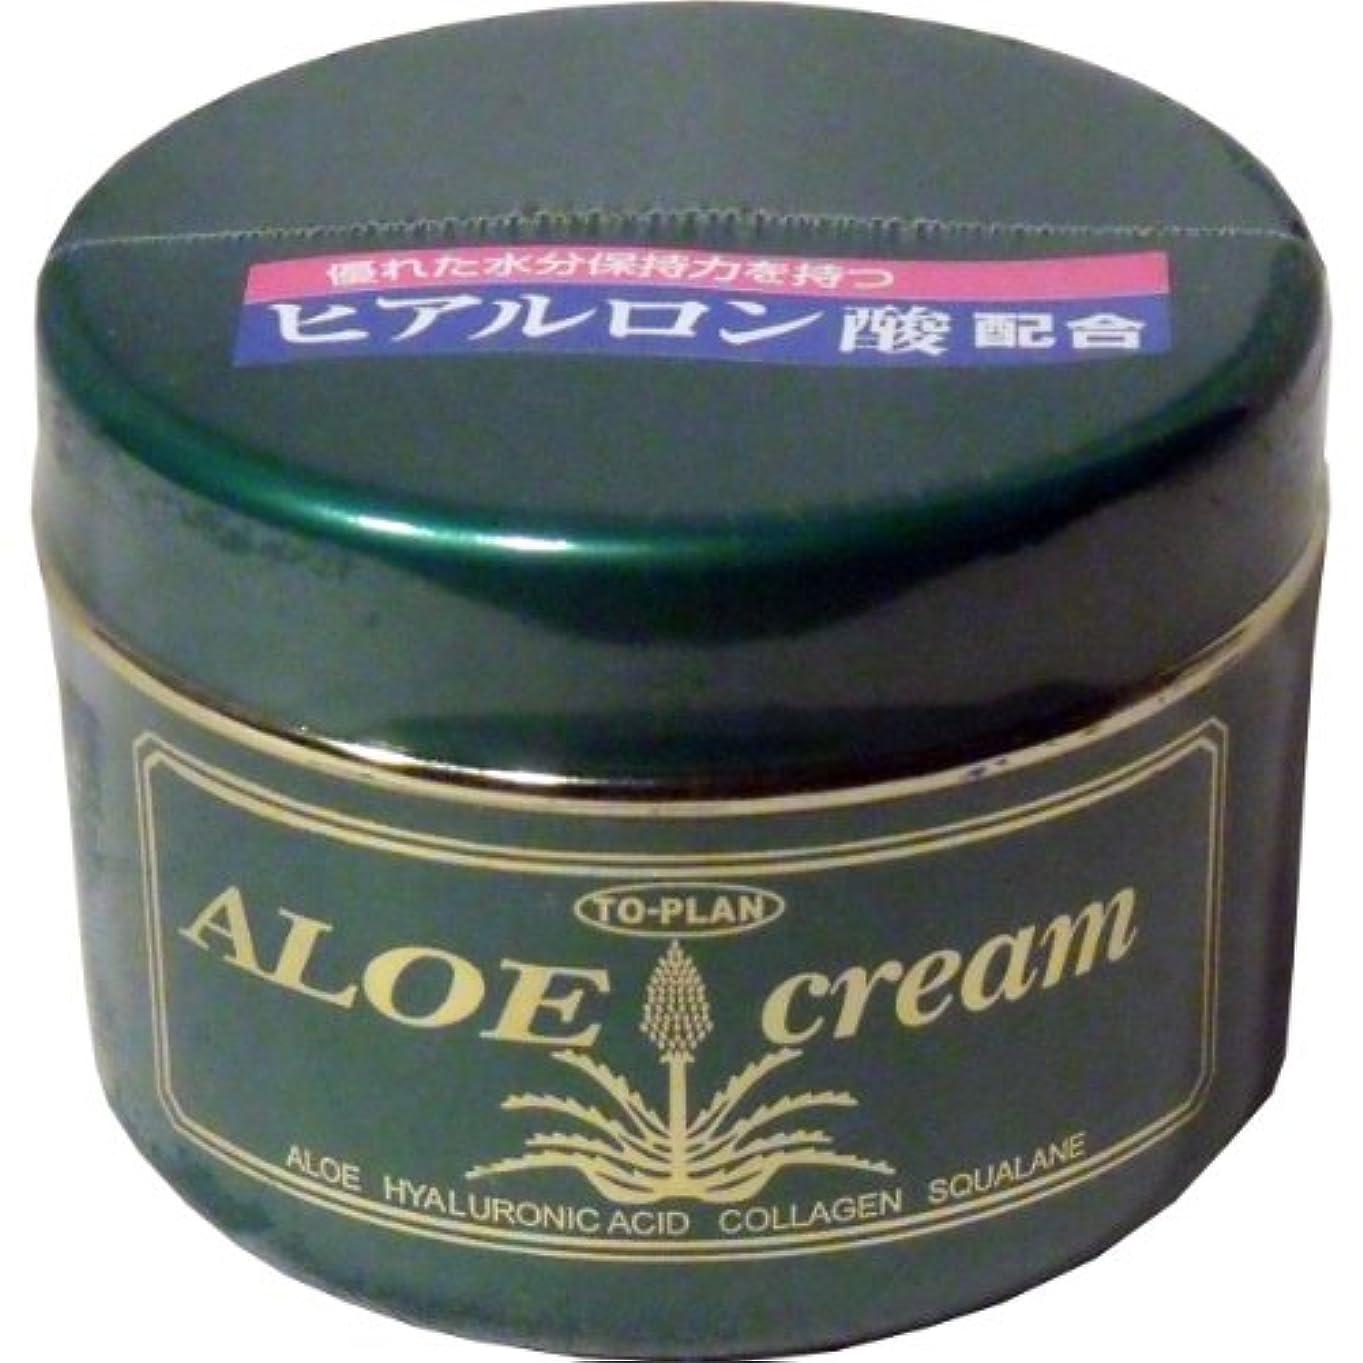 差別するスライム変化するトプラン ハーブフレッシュクリーム(アロエクリーム) ヒアルロン酸 170g